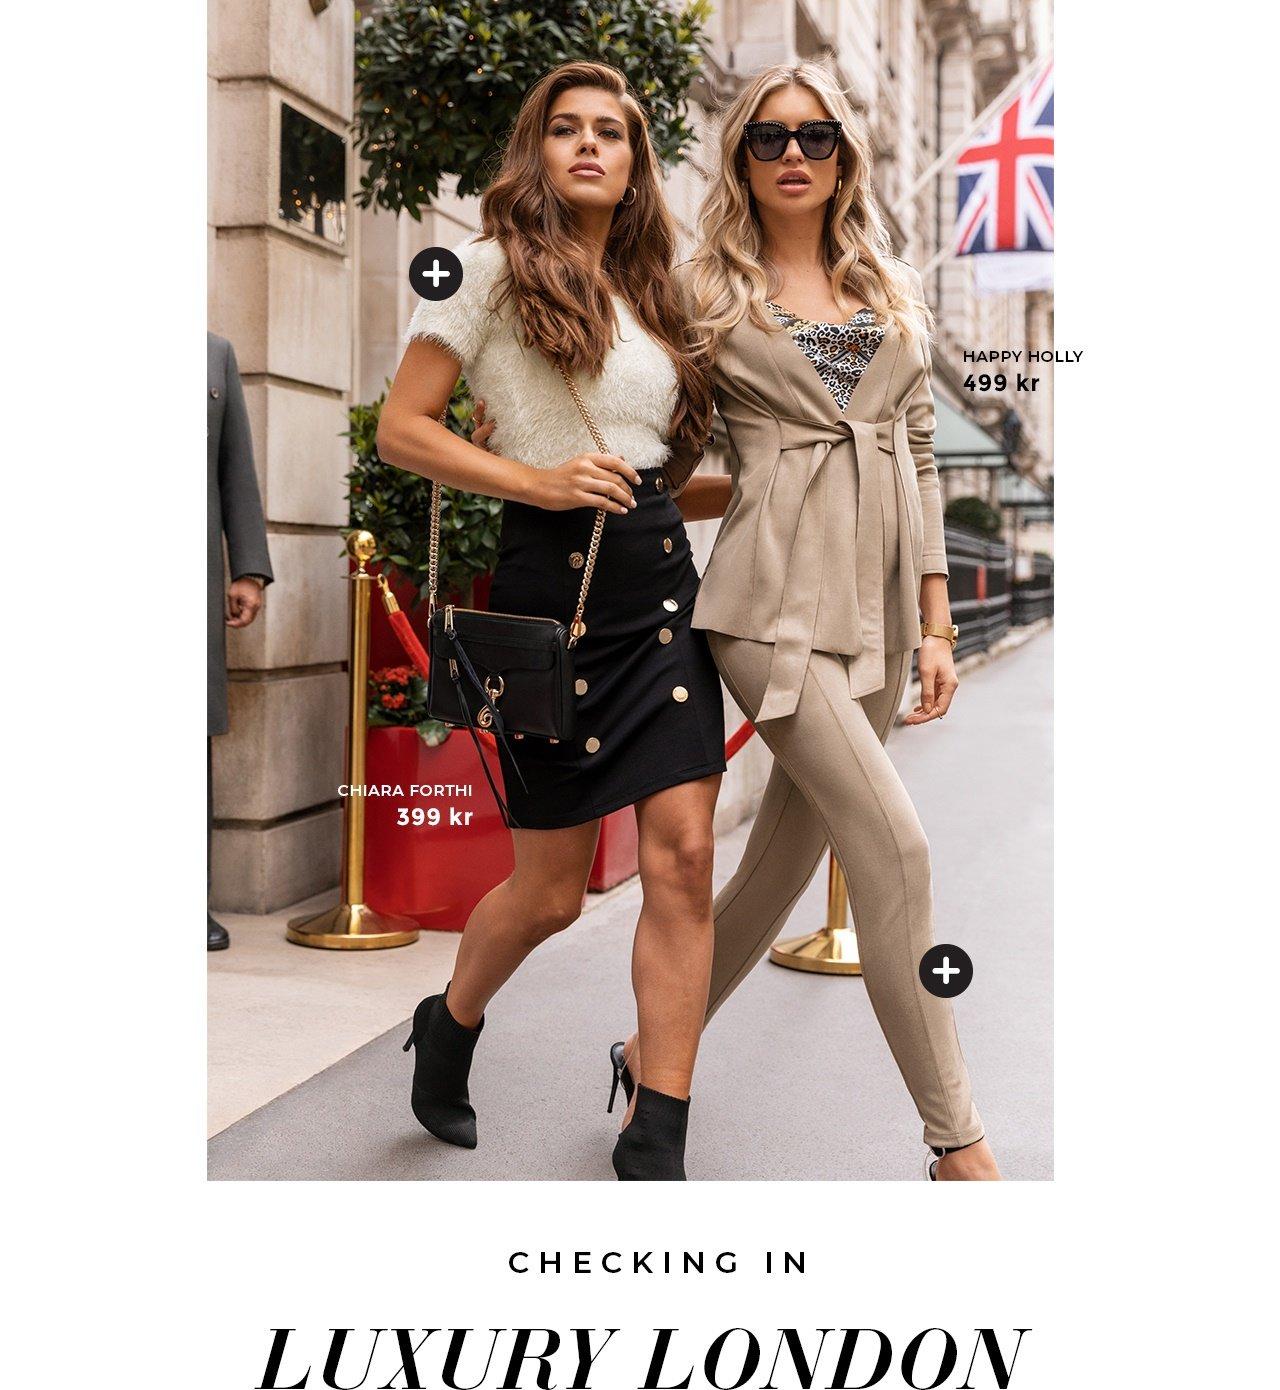 Shoppa nyheter från Chiara Forthi & Happy Holly